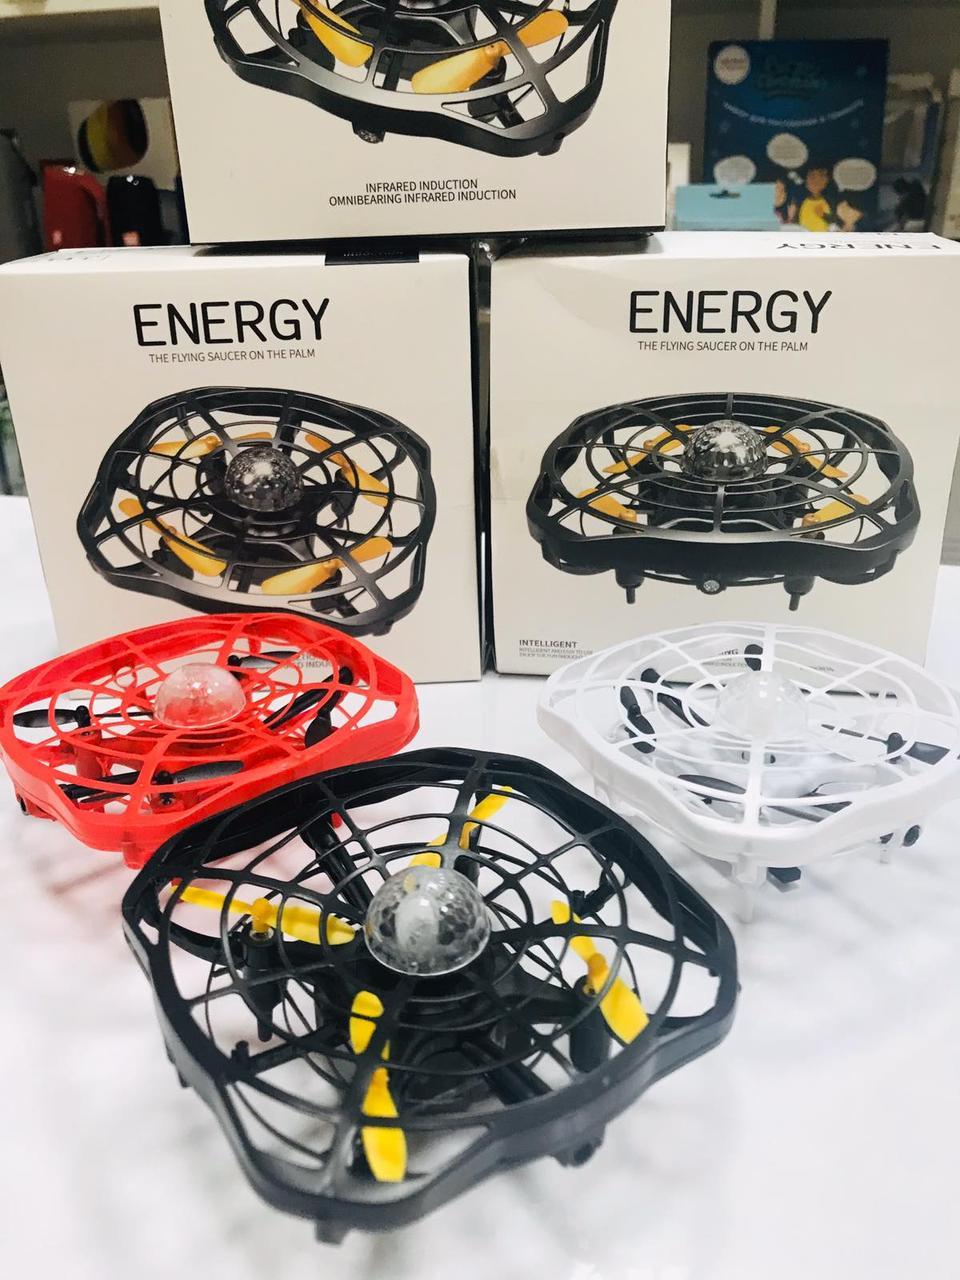 КВАДРОКОПТЕР ENERGY UFO Карманный дрон с управлением жестами руки ENERGY